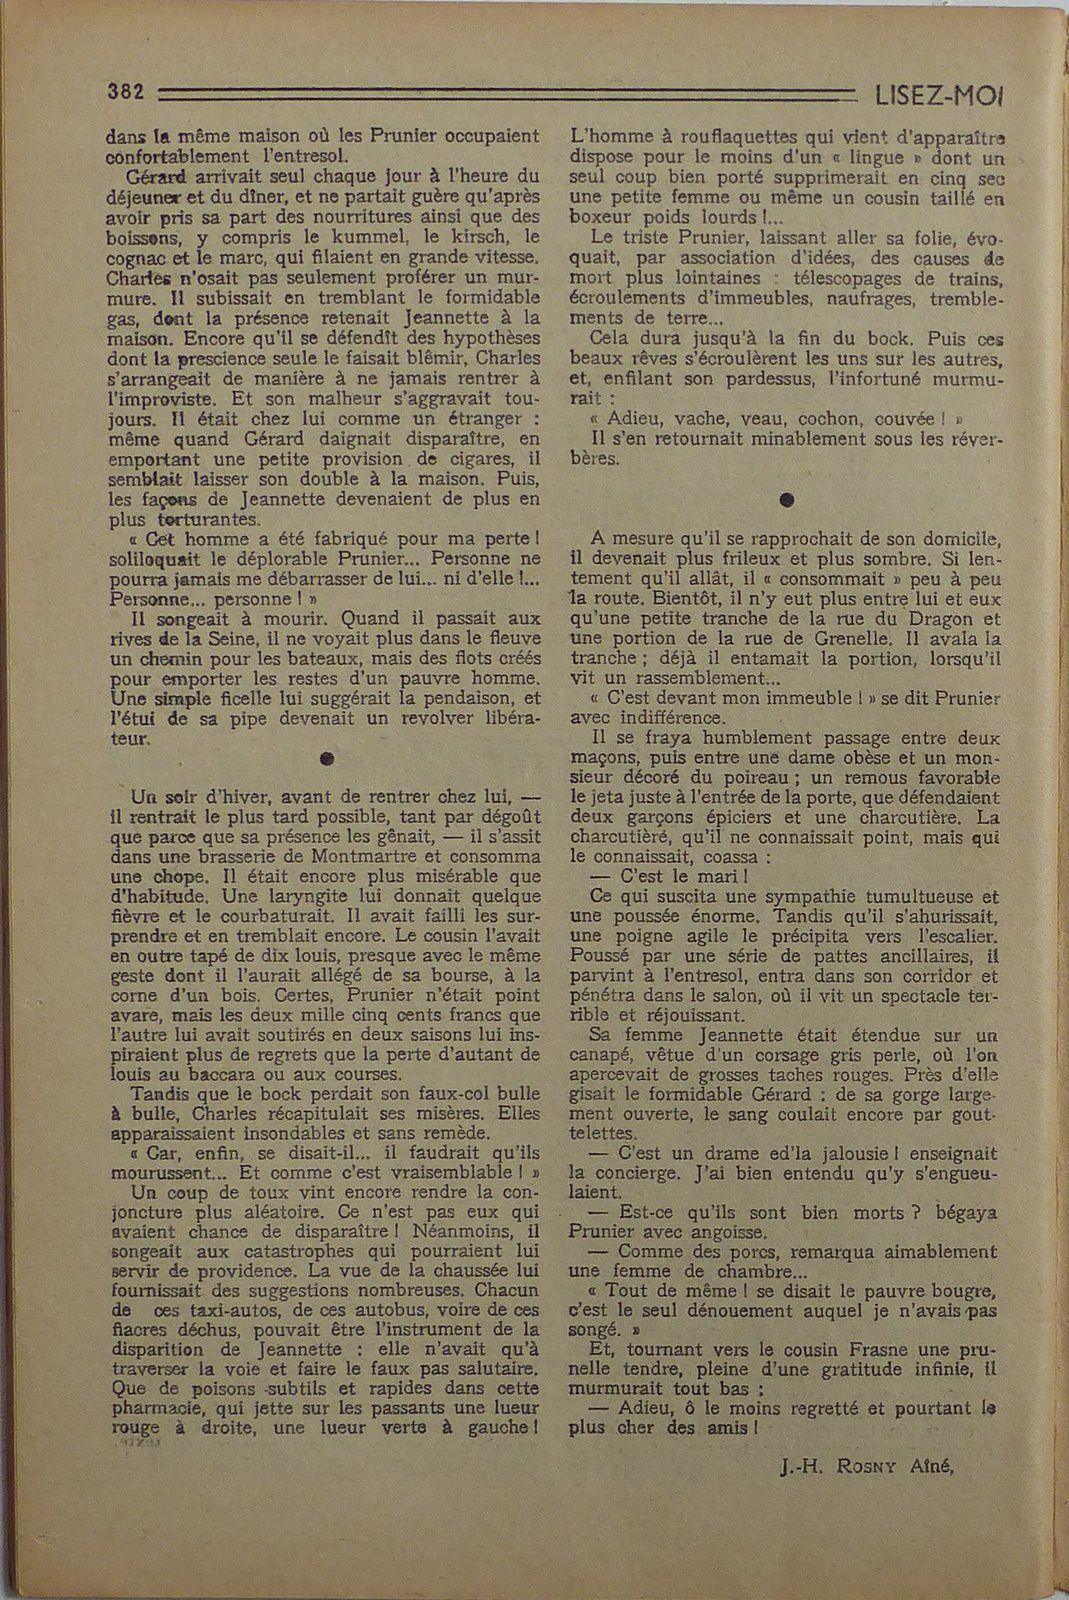 """J.-H. Rosny aîné """"La Force des circonstances"""" in Lisez-Moi n°102 (1950)"""